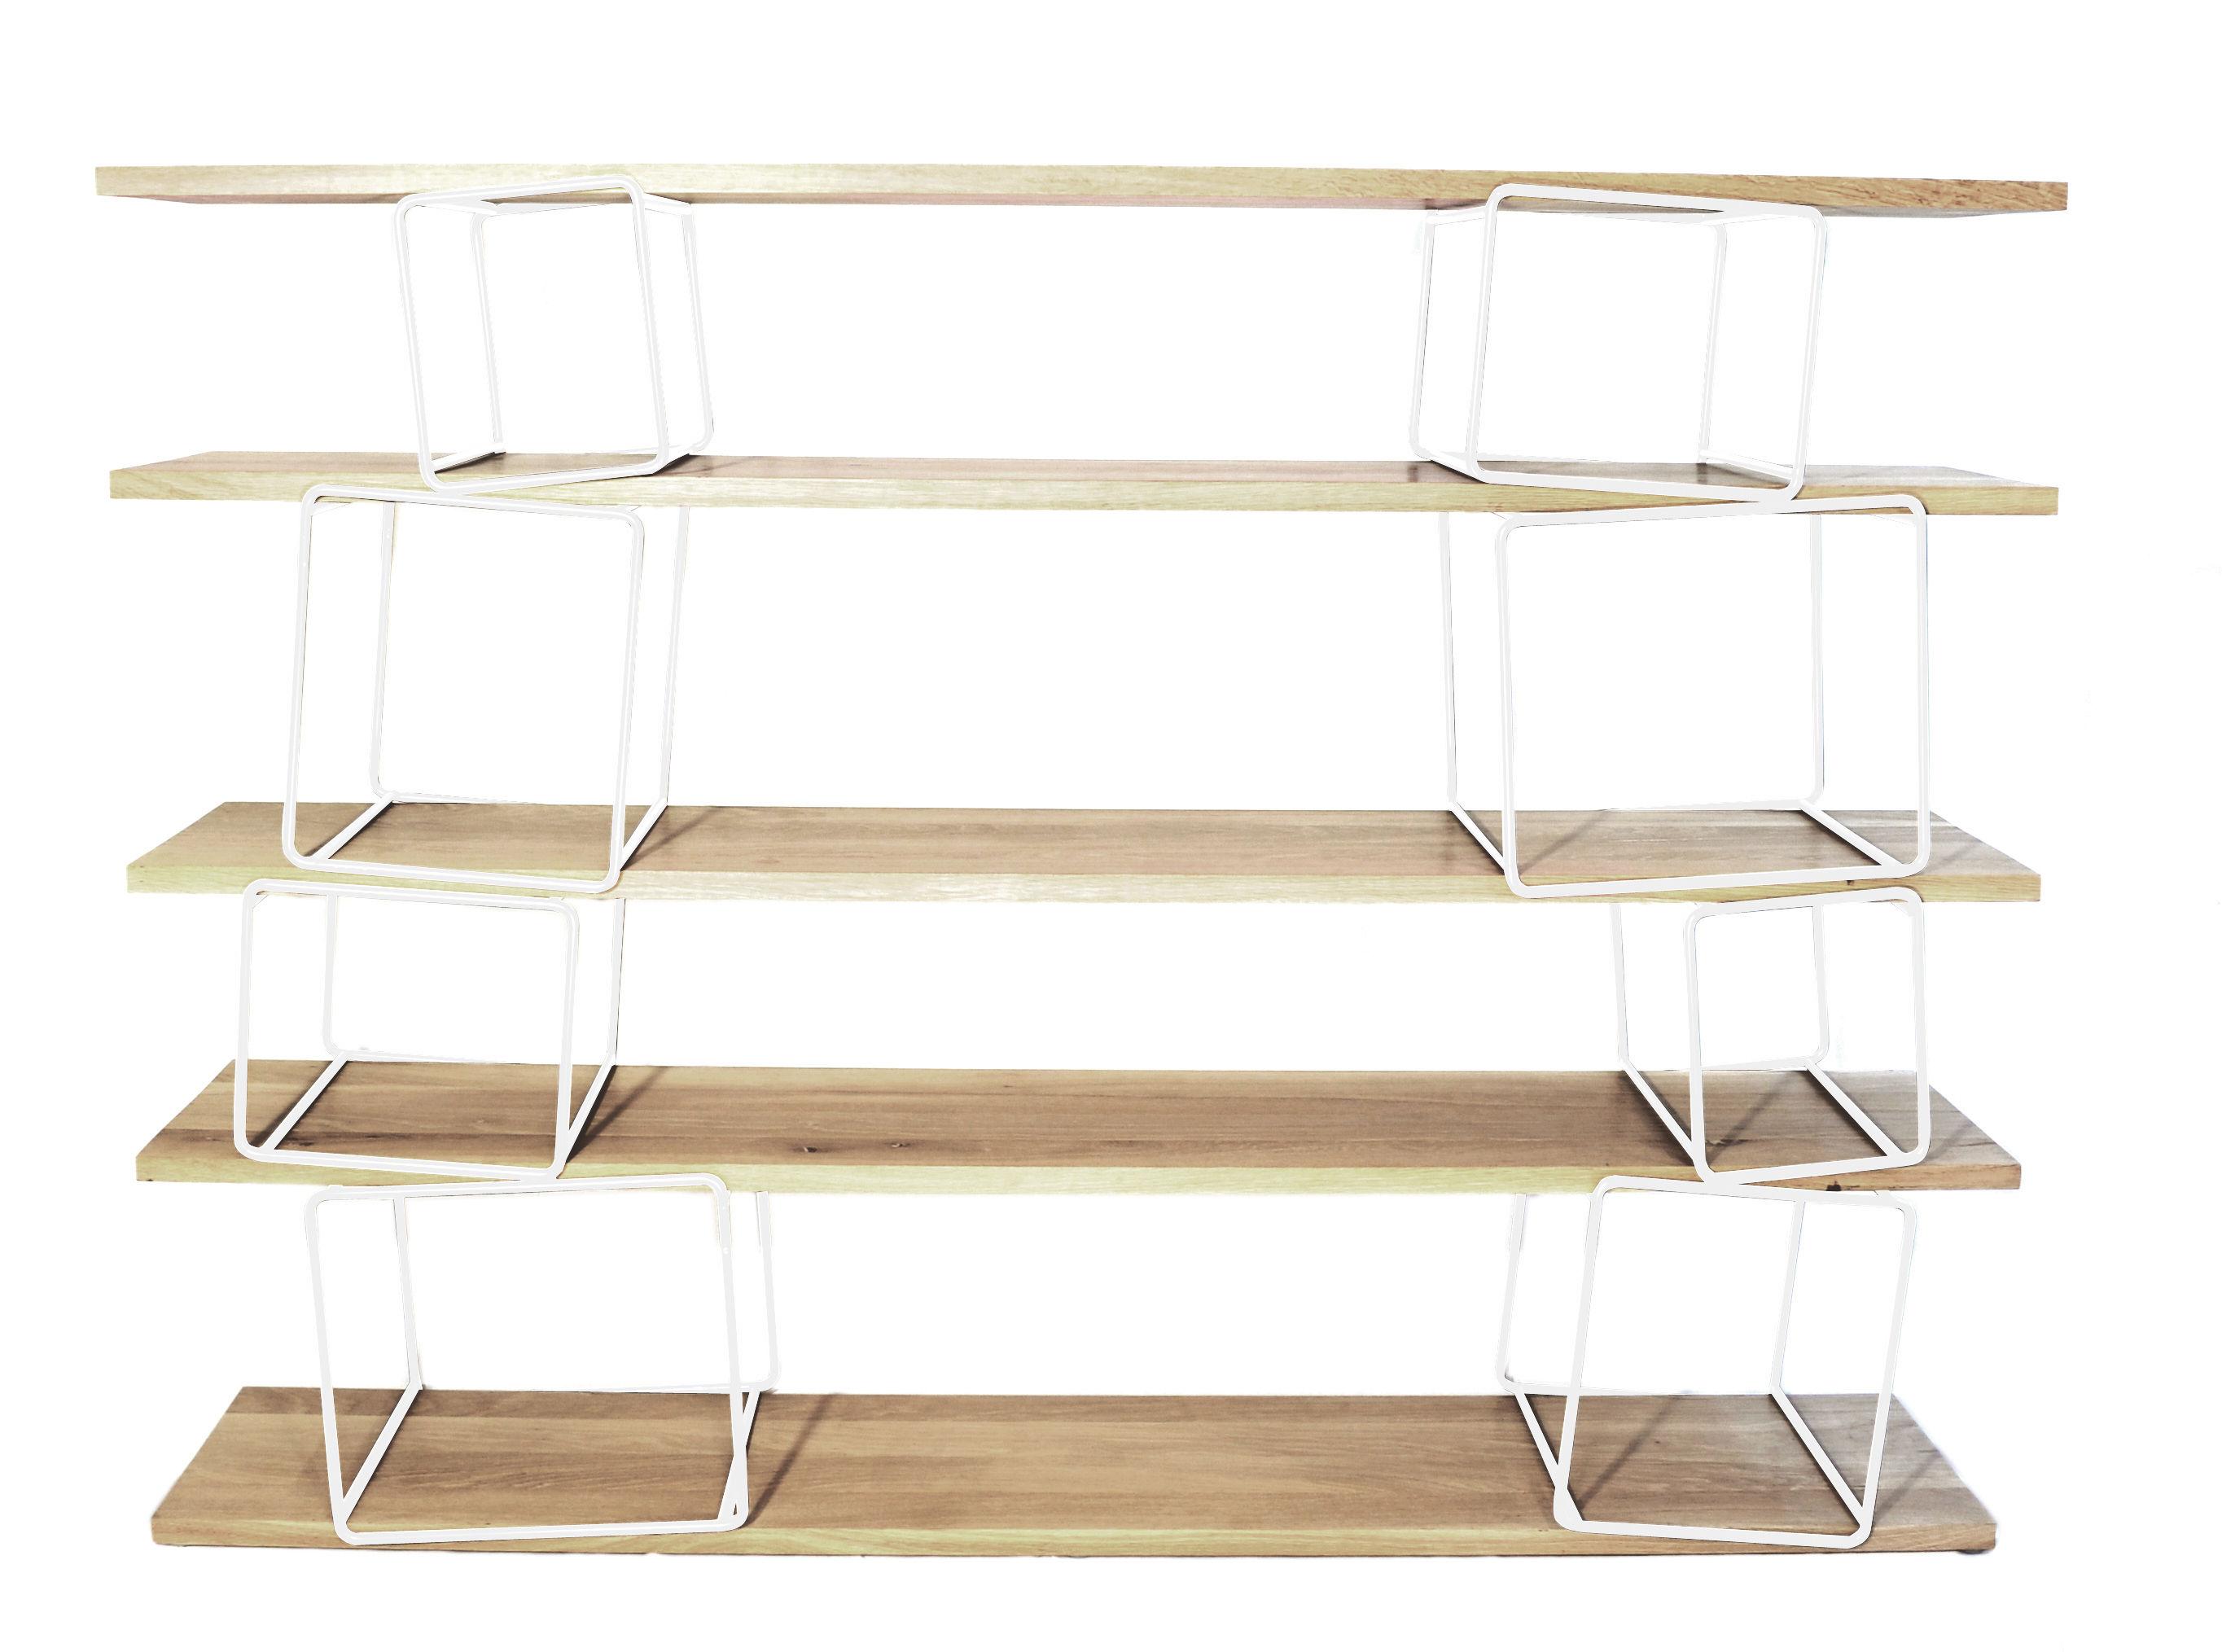 Mobilier - Etagères & bibliothèques - Bibliothèque Quake modulable - L 166 x H 130 cm - ENOstudio - Modules blancs / Etagères Hêtre - Hêtre massif, Métal